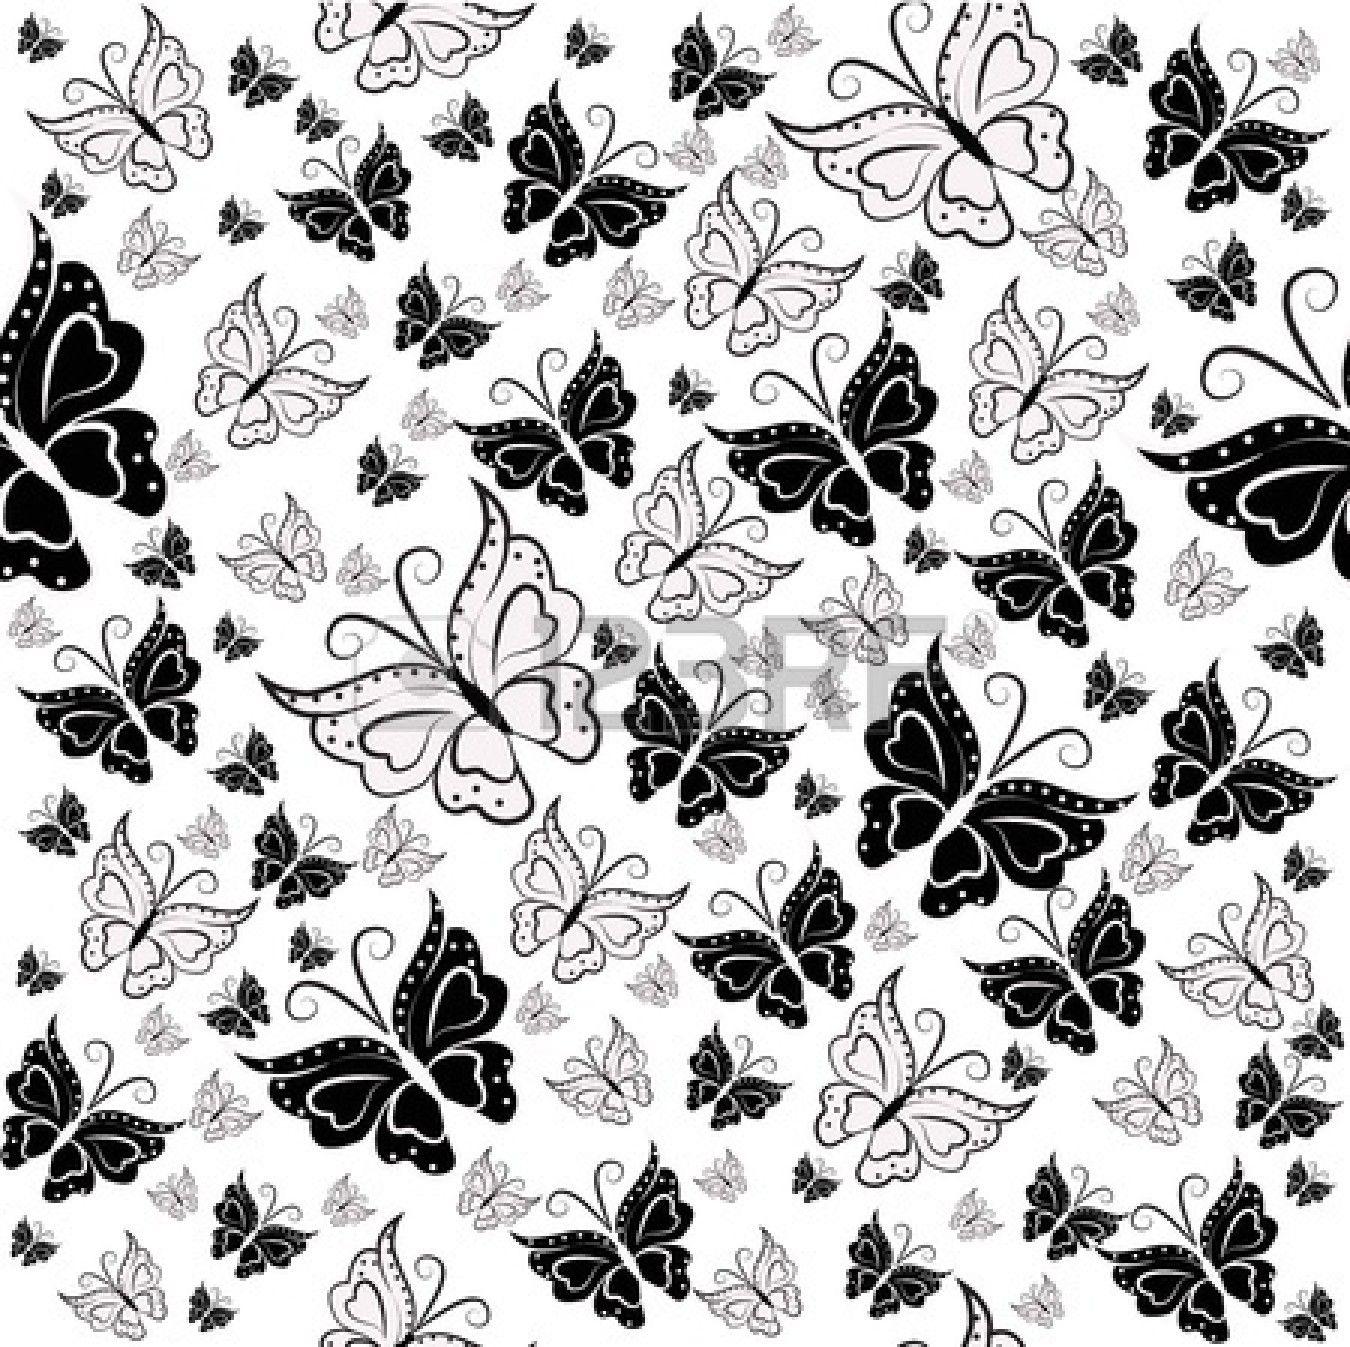 Papel Decorativo Blanco Y Negro De Corazones Buscar Con Google